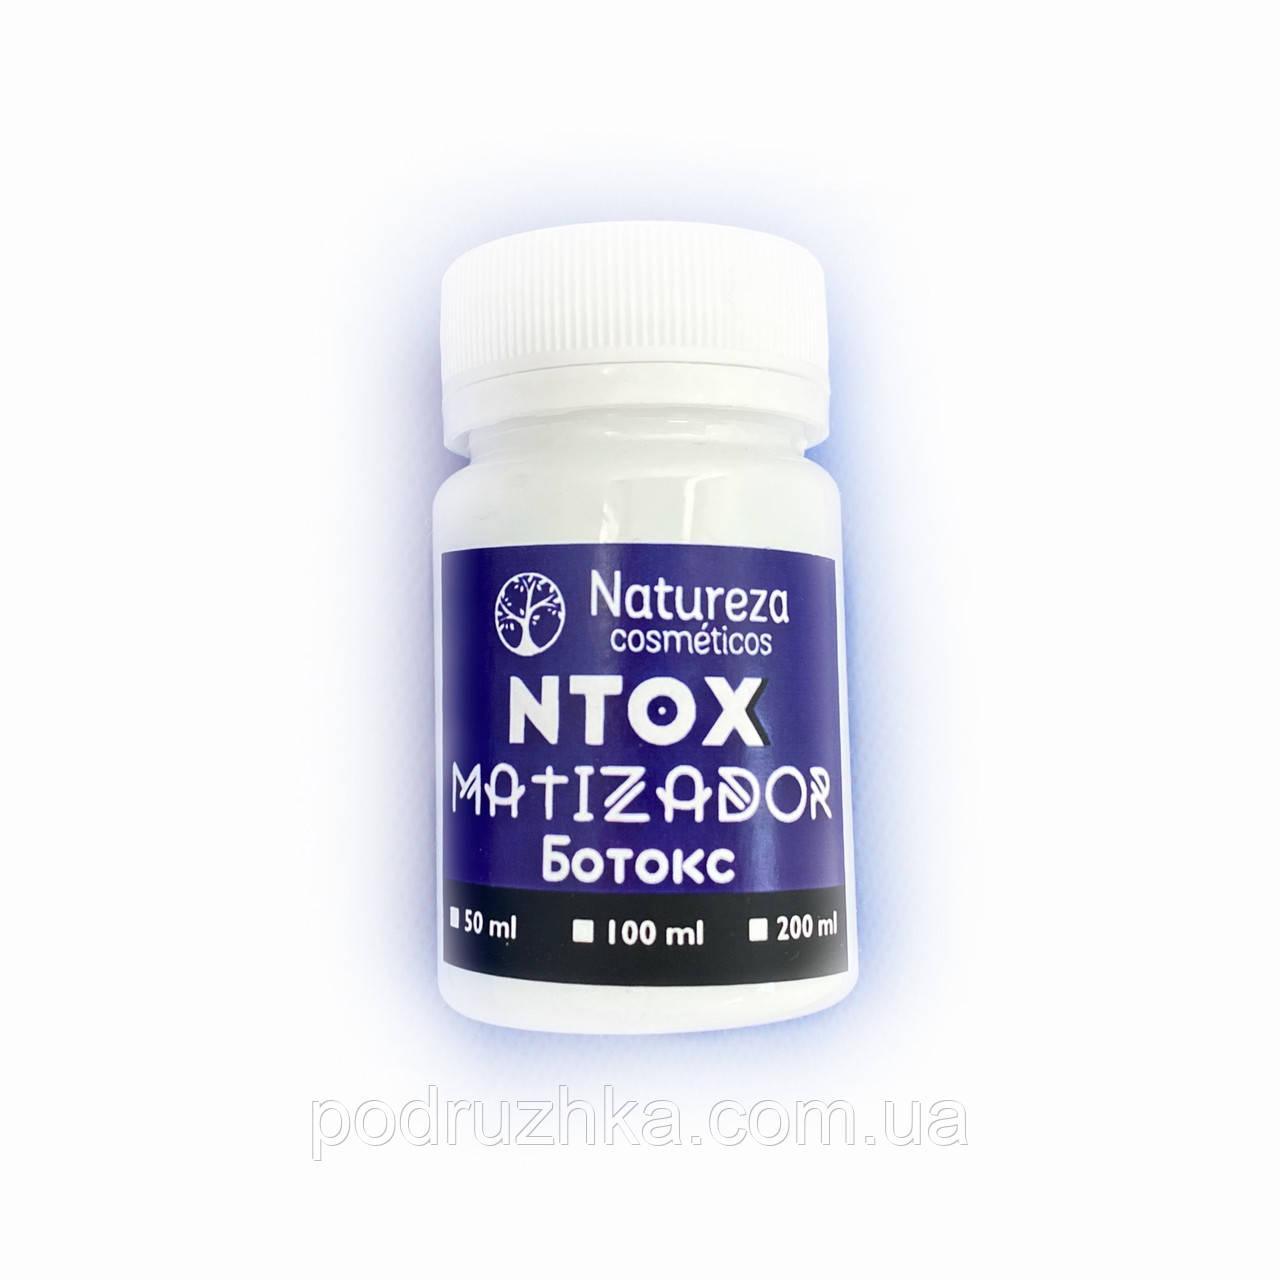 Бoтoкc Natureza NTOX Matizador, 50 мл